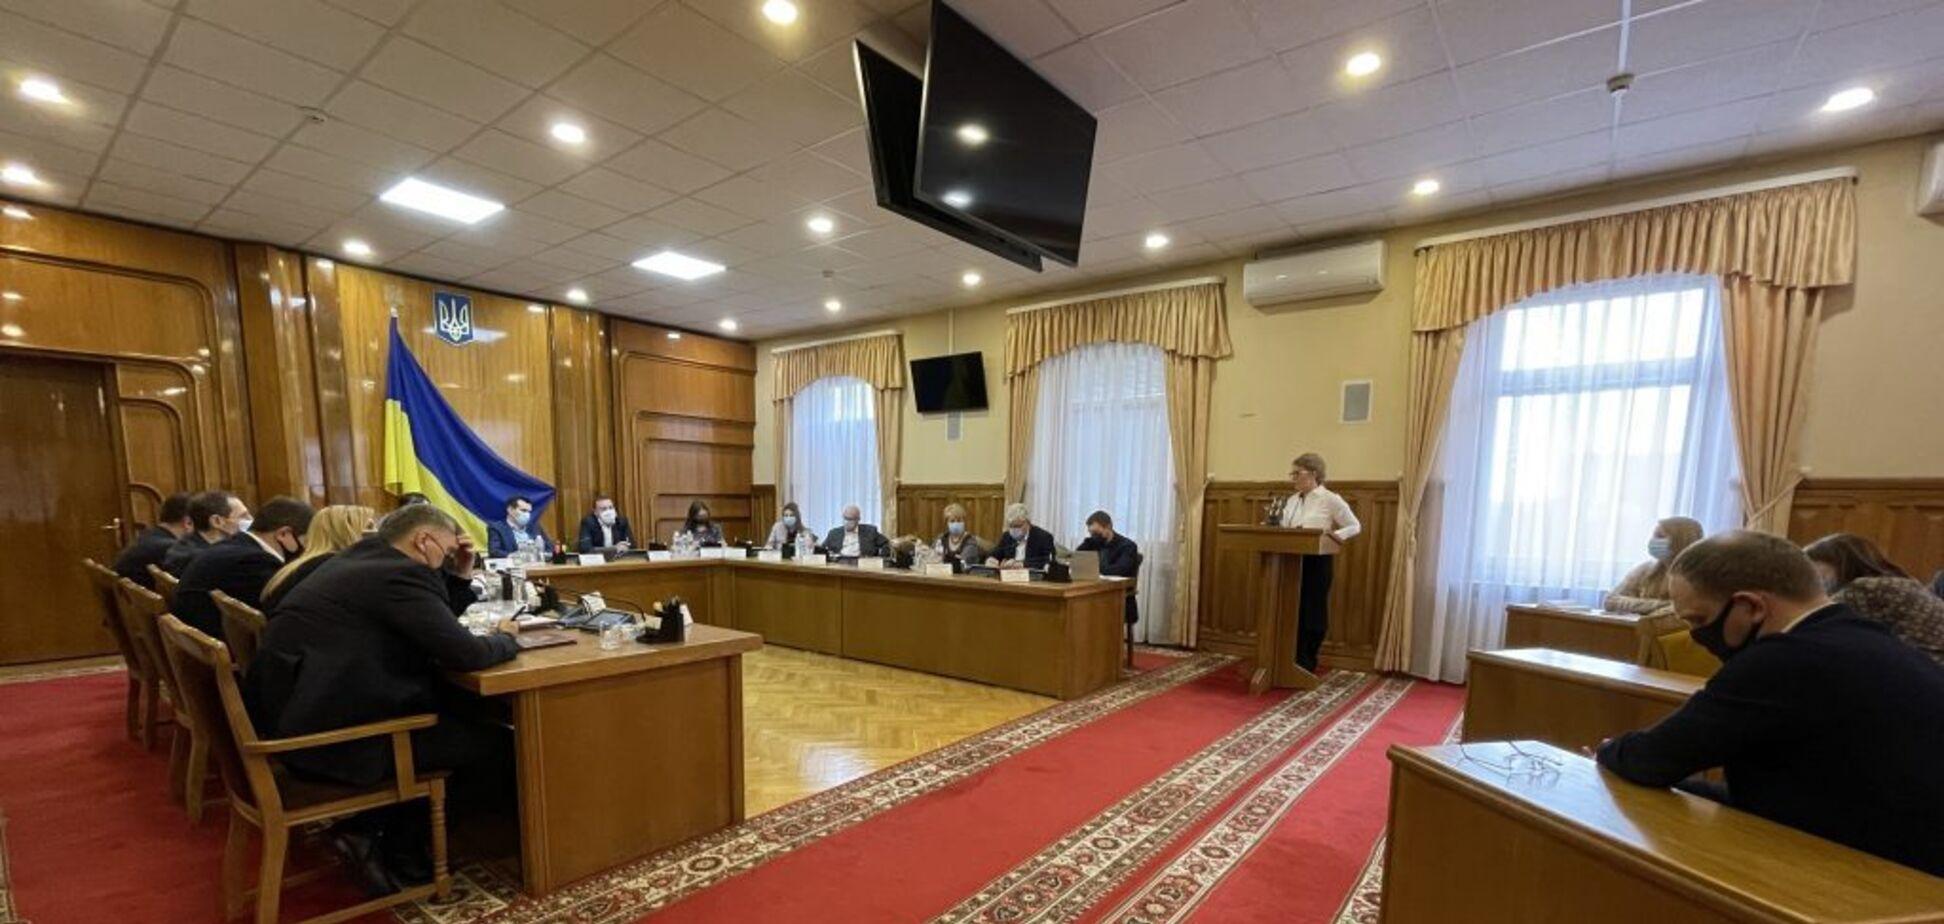 Тимошенко звернулася до ЦВК щодо рефендуму